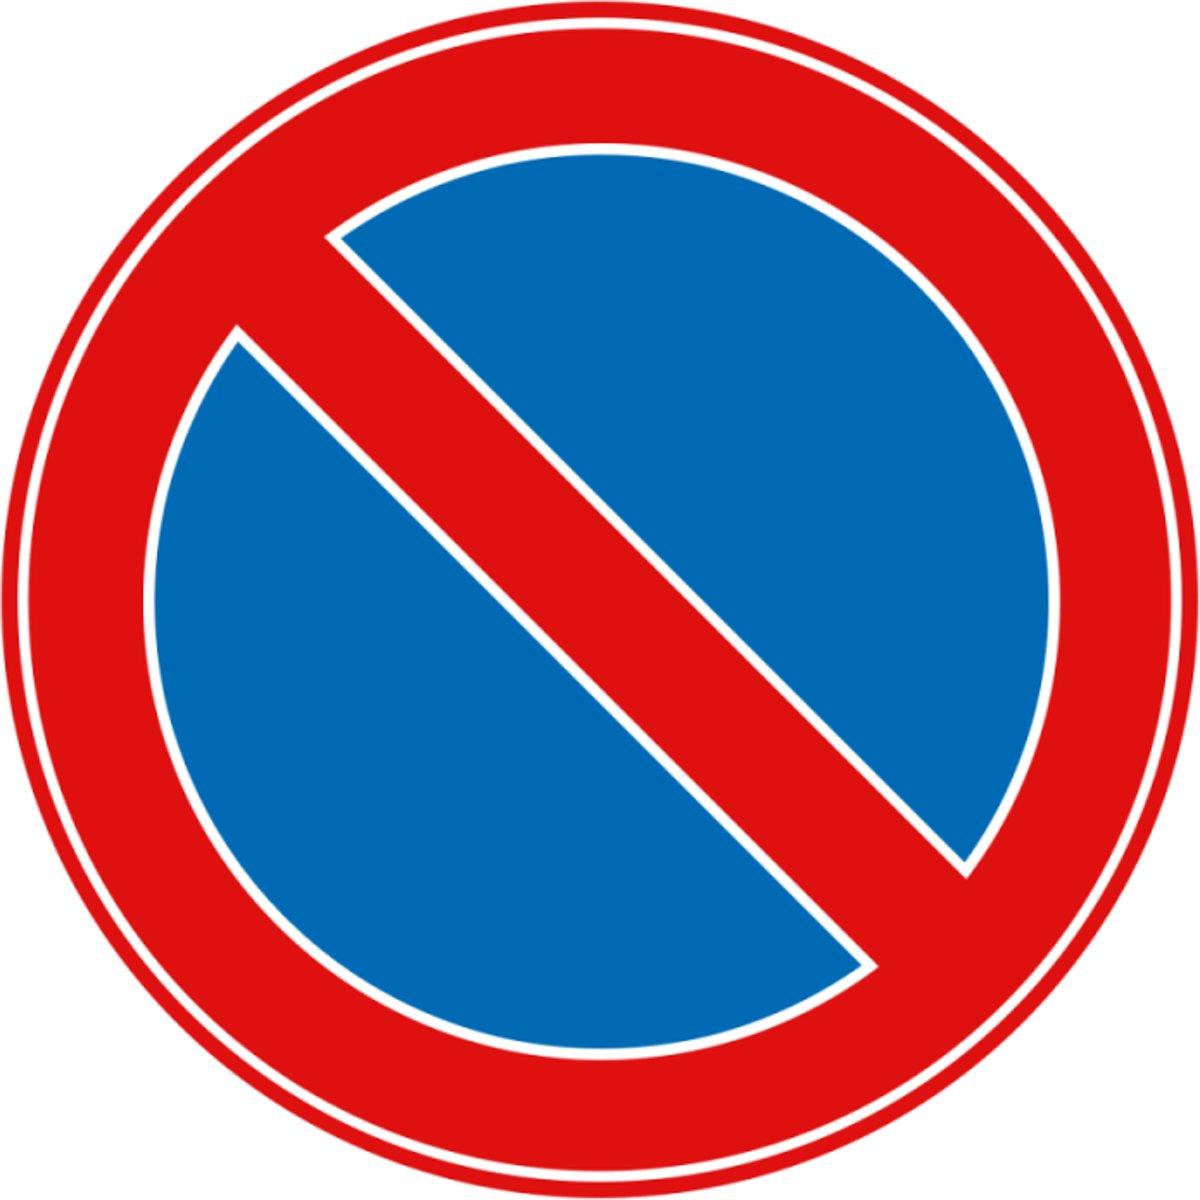 Verkeersbord Parkeerverbod kopen